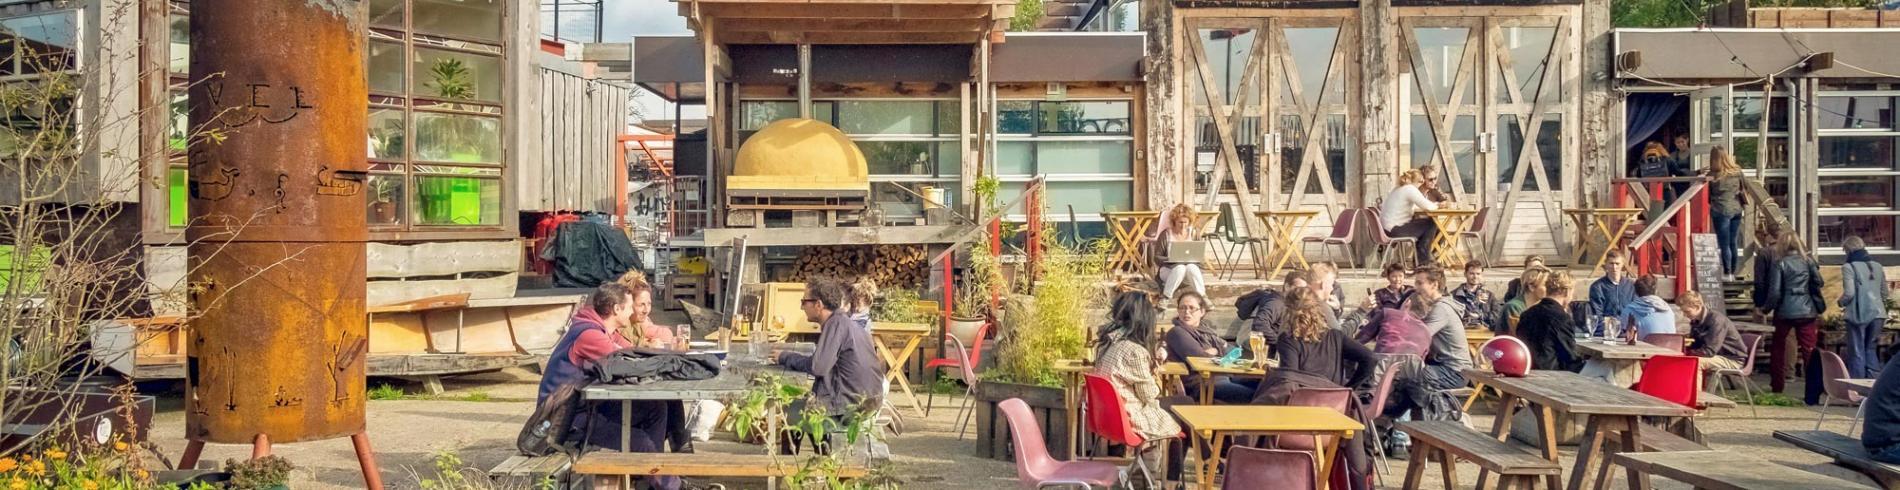 Eco-activism at Café de Ceuvel